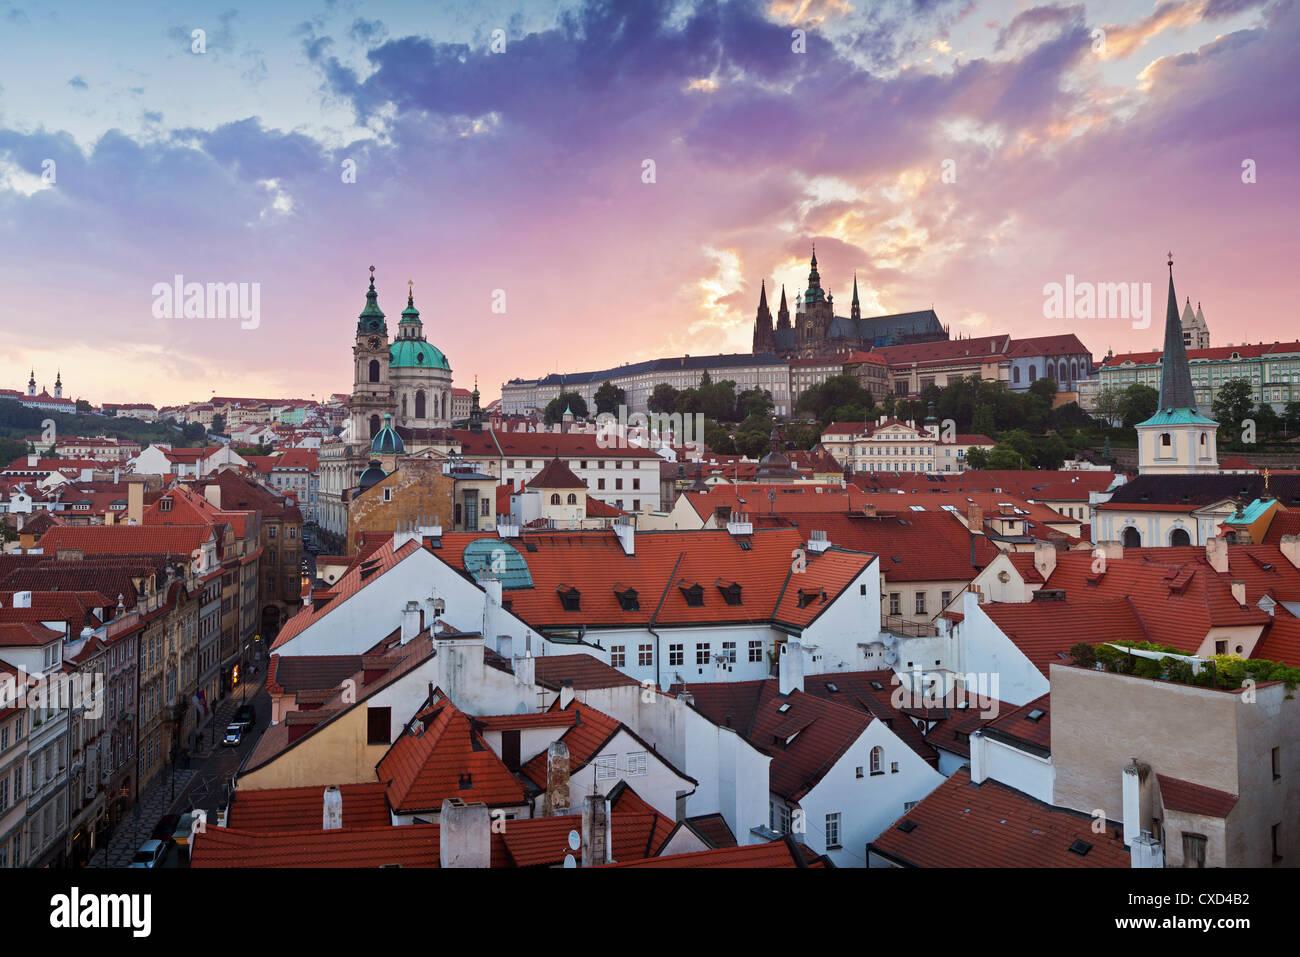 Catedral de San Vito y la iglesia de San Nicolás, Praga, República Checa, Europa Imagen De Stock